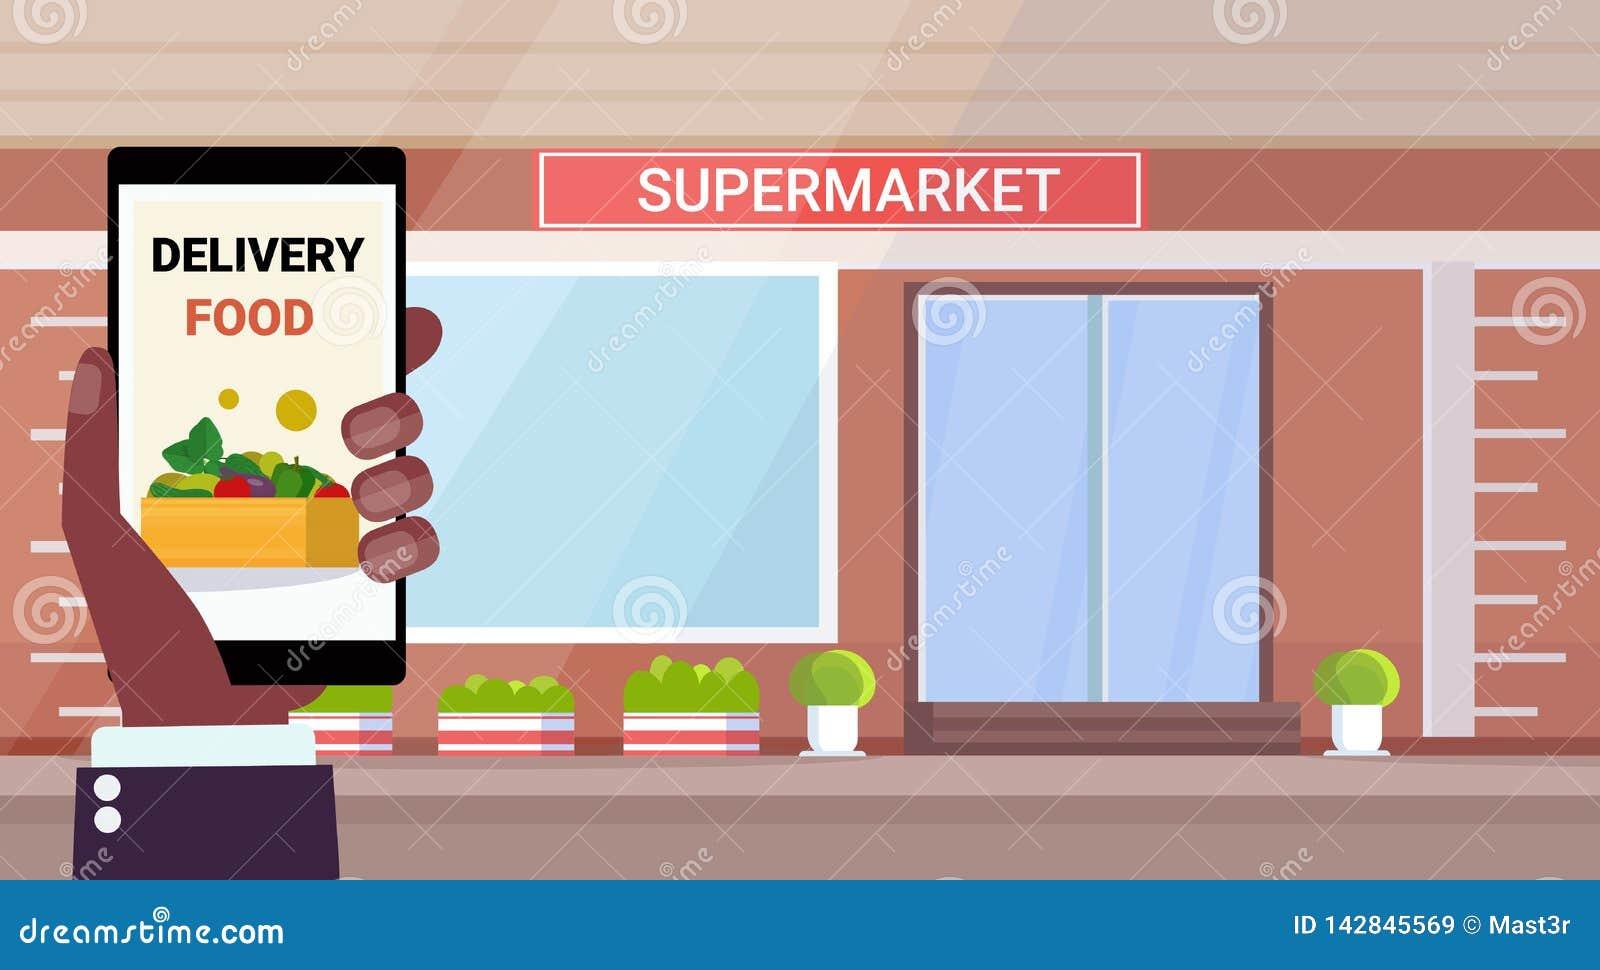 Exterior moderno del supermercado de la tienda de ultramarinos de la aplicación móvil de la comida del concepto en línea de la en